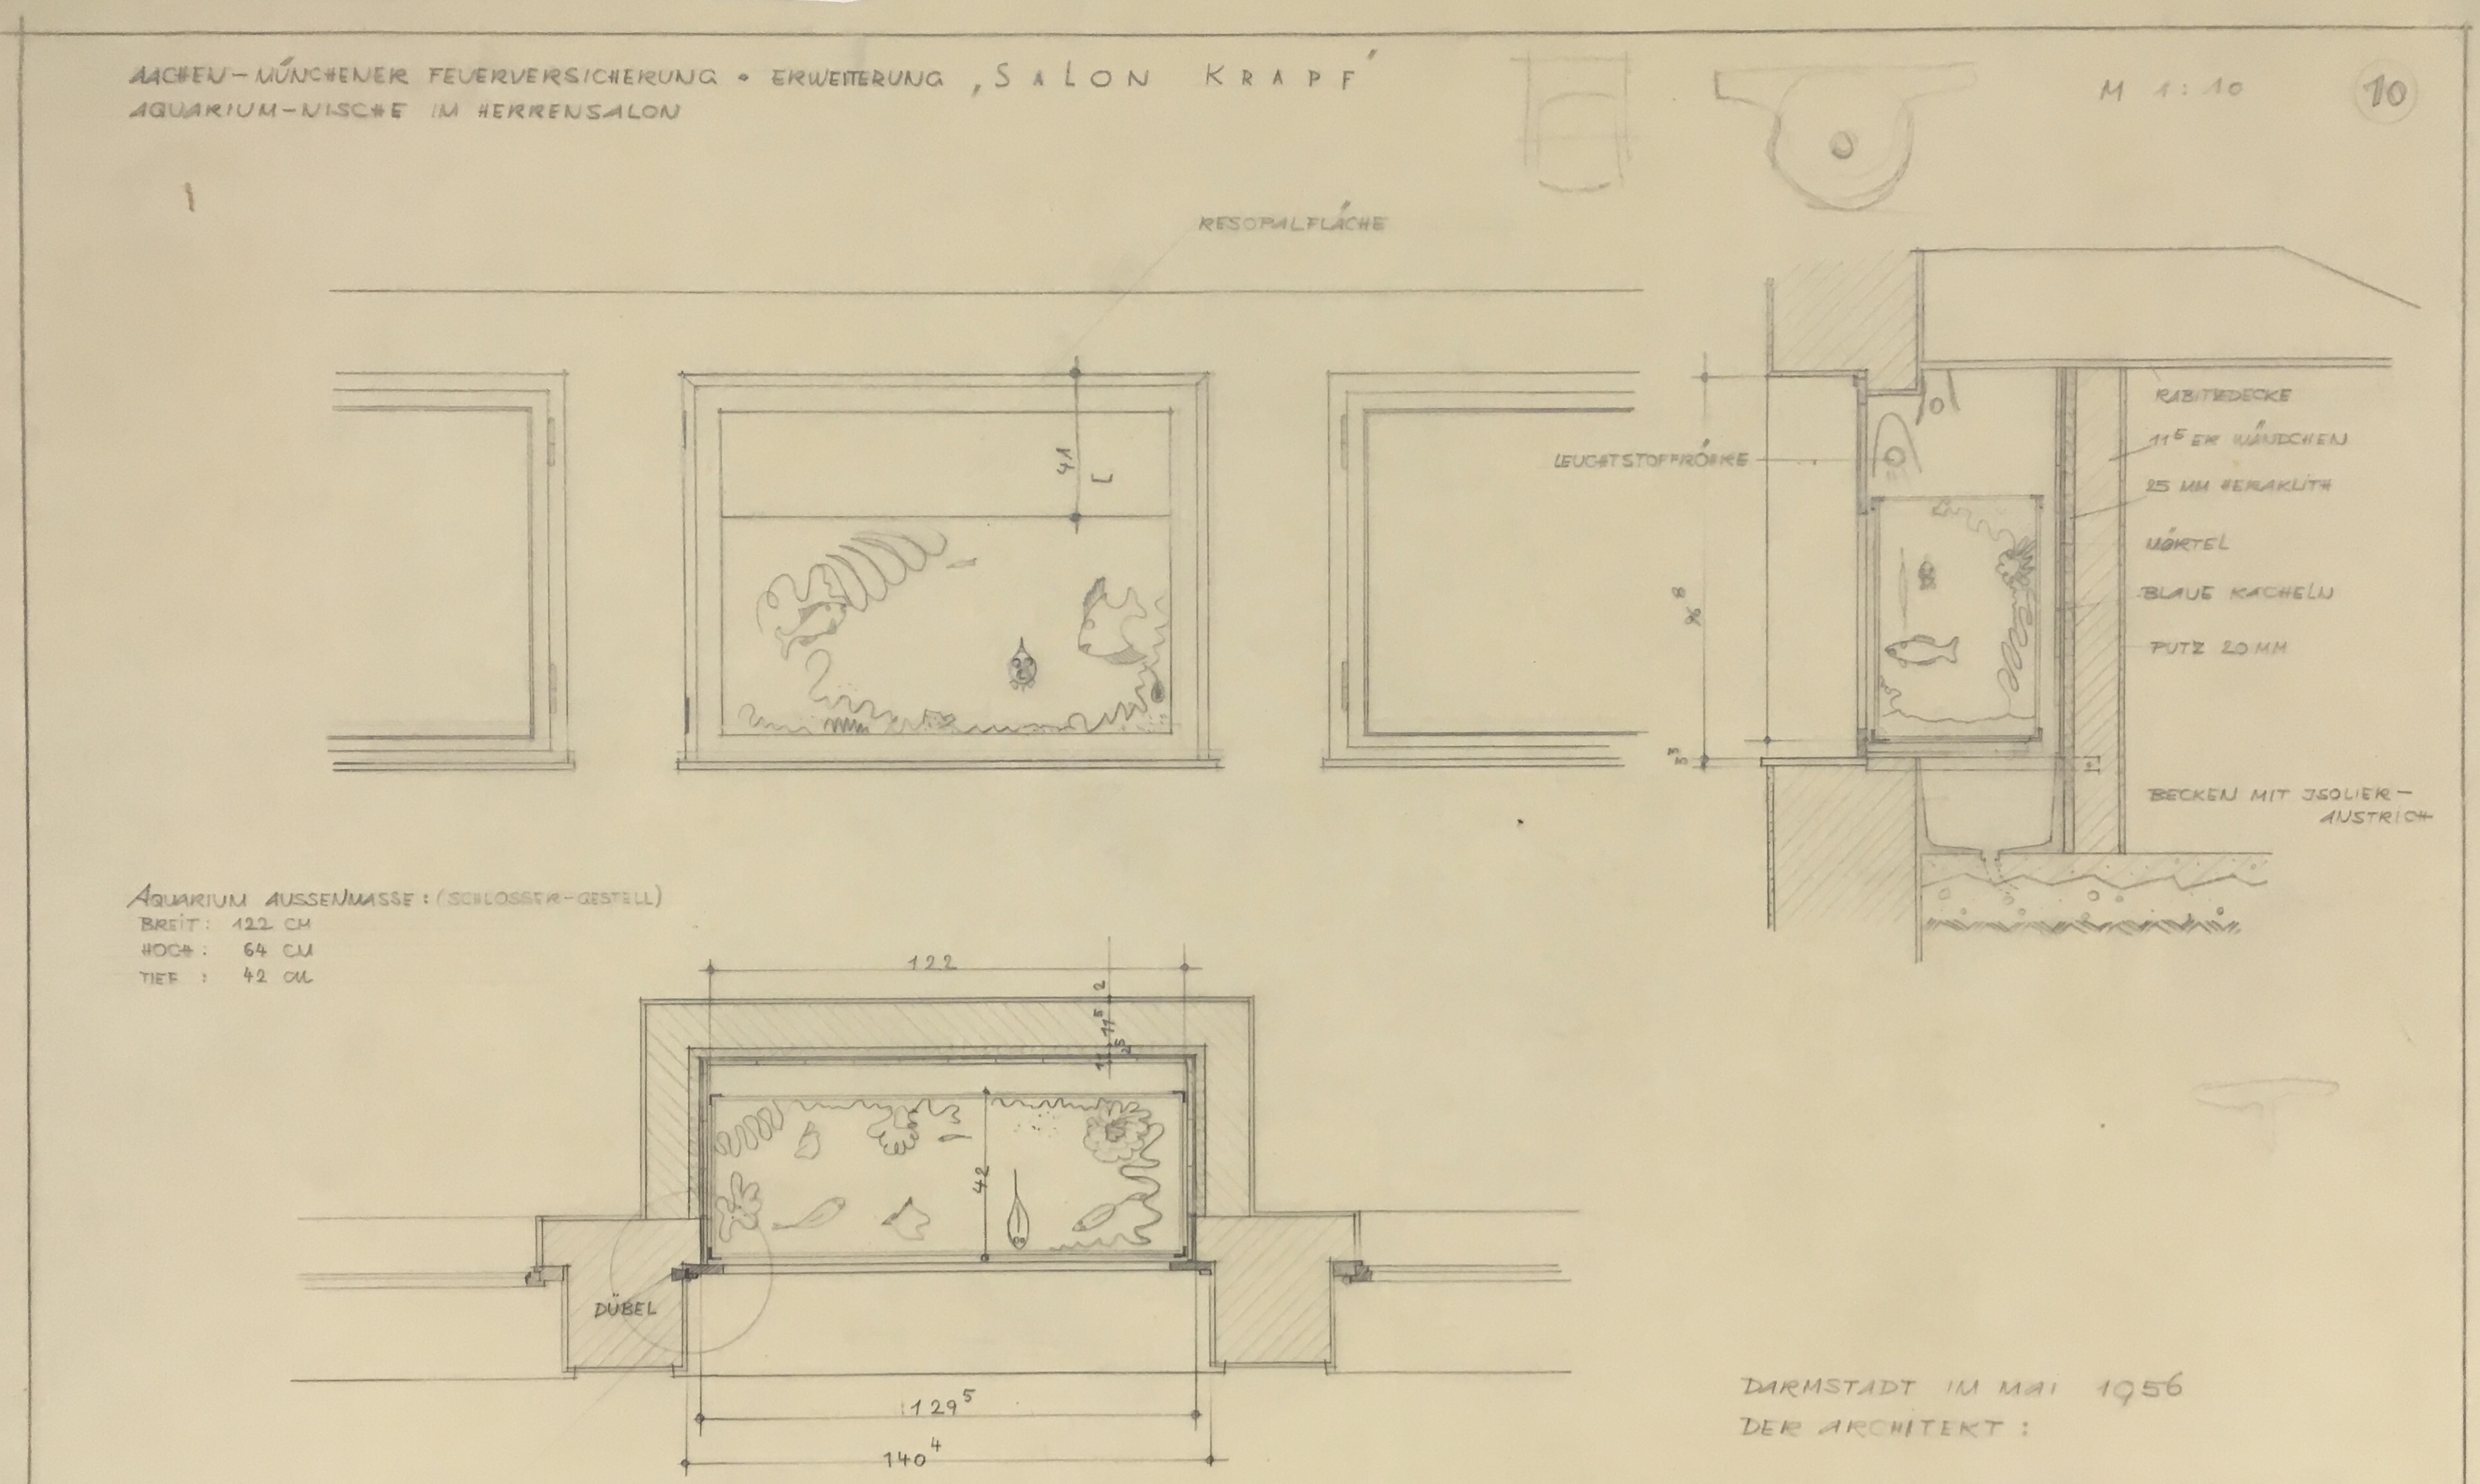 """Erweiterung des """"Salon Krapf"""" im Gebäude der Aachen-Münchener Feuerversicherung um eine Aquarium-Nische , StadtA DA Best. 51 Grund, Peter Mappe 51"""